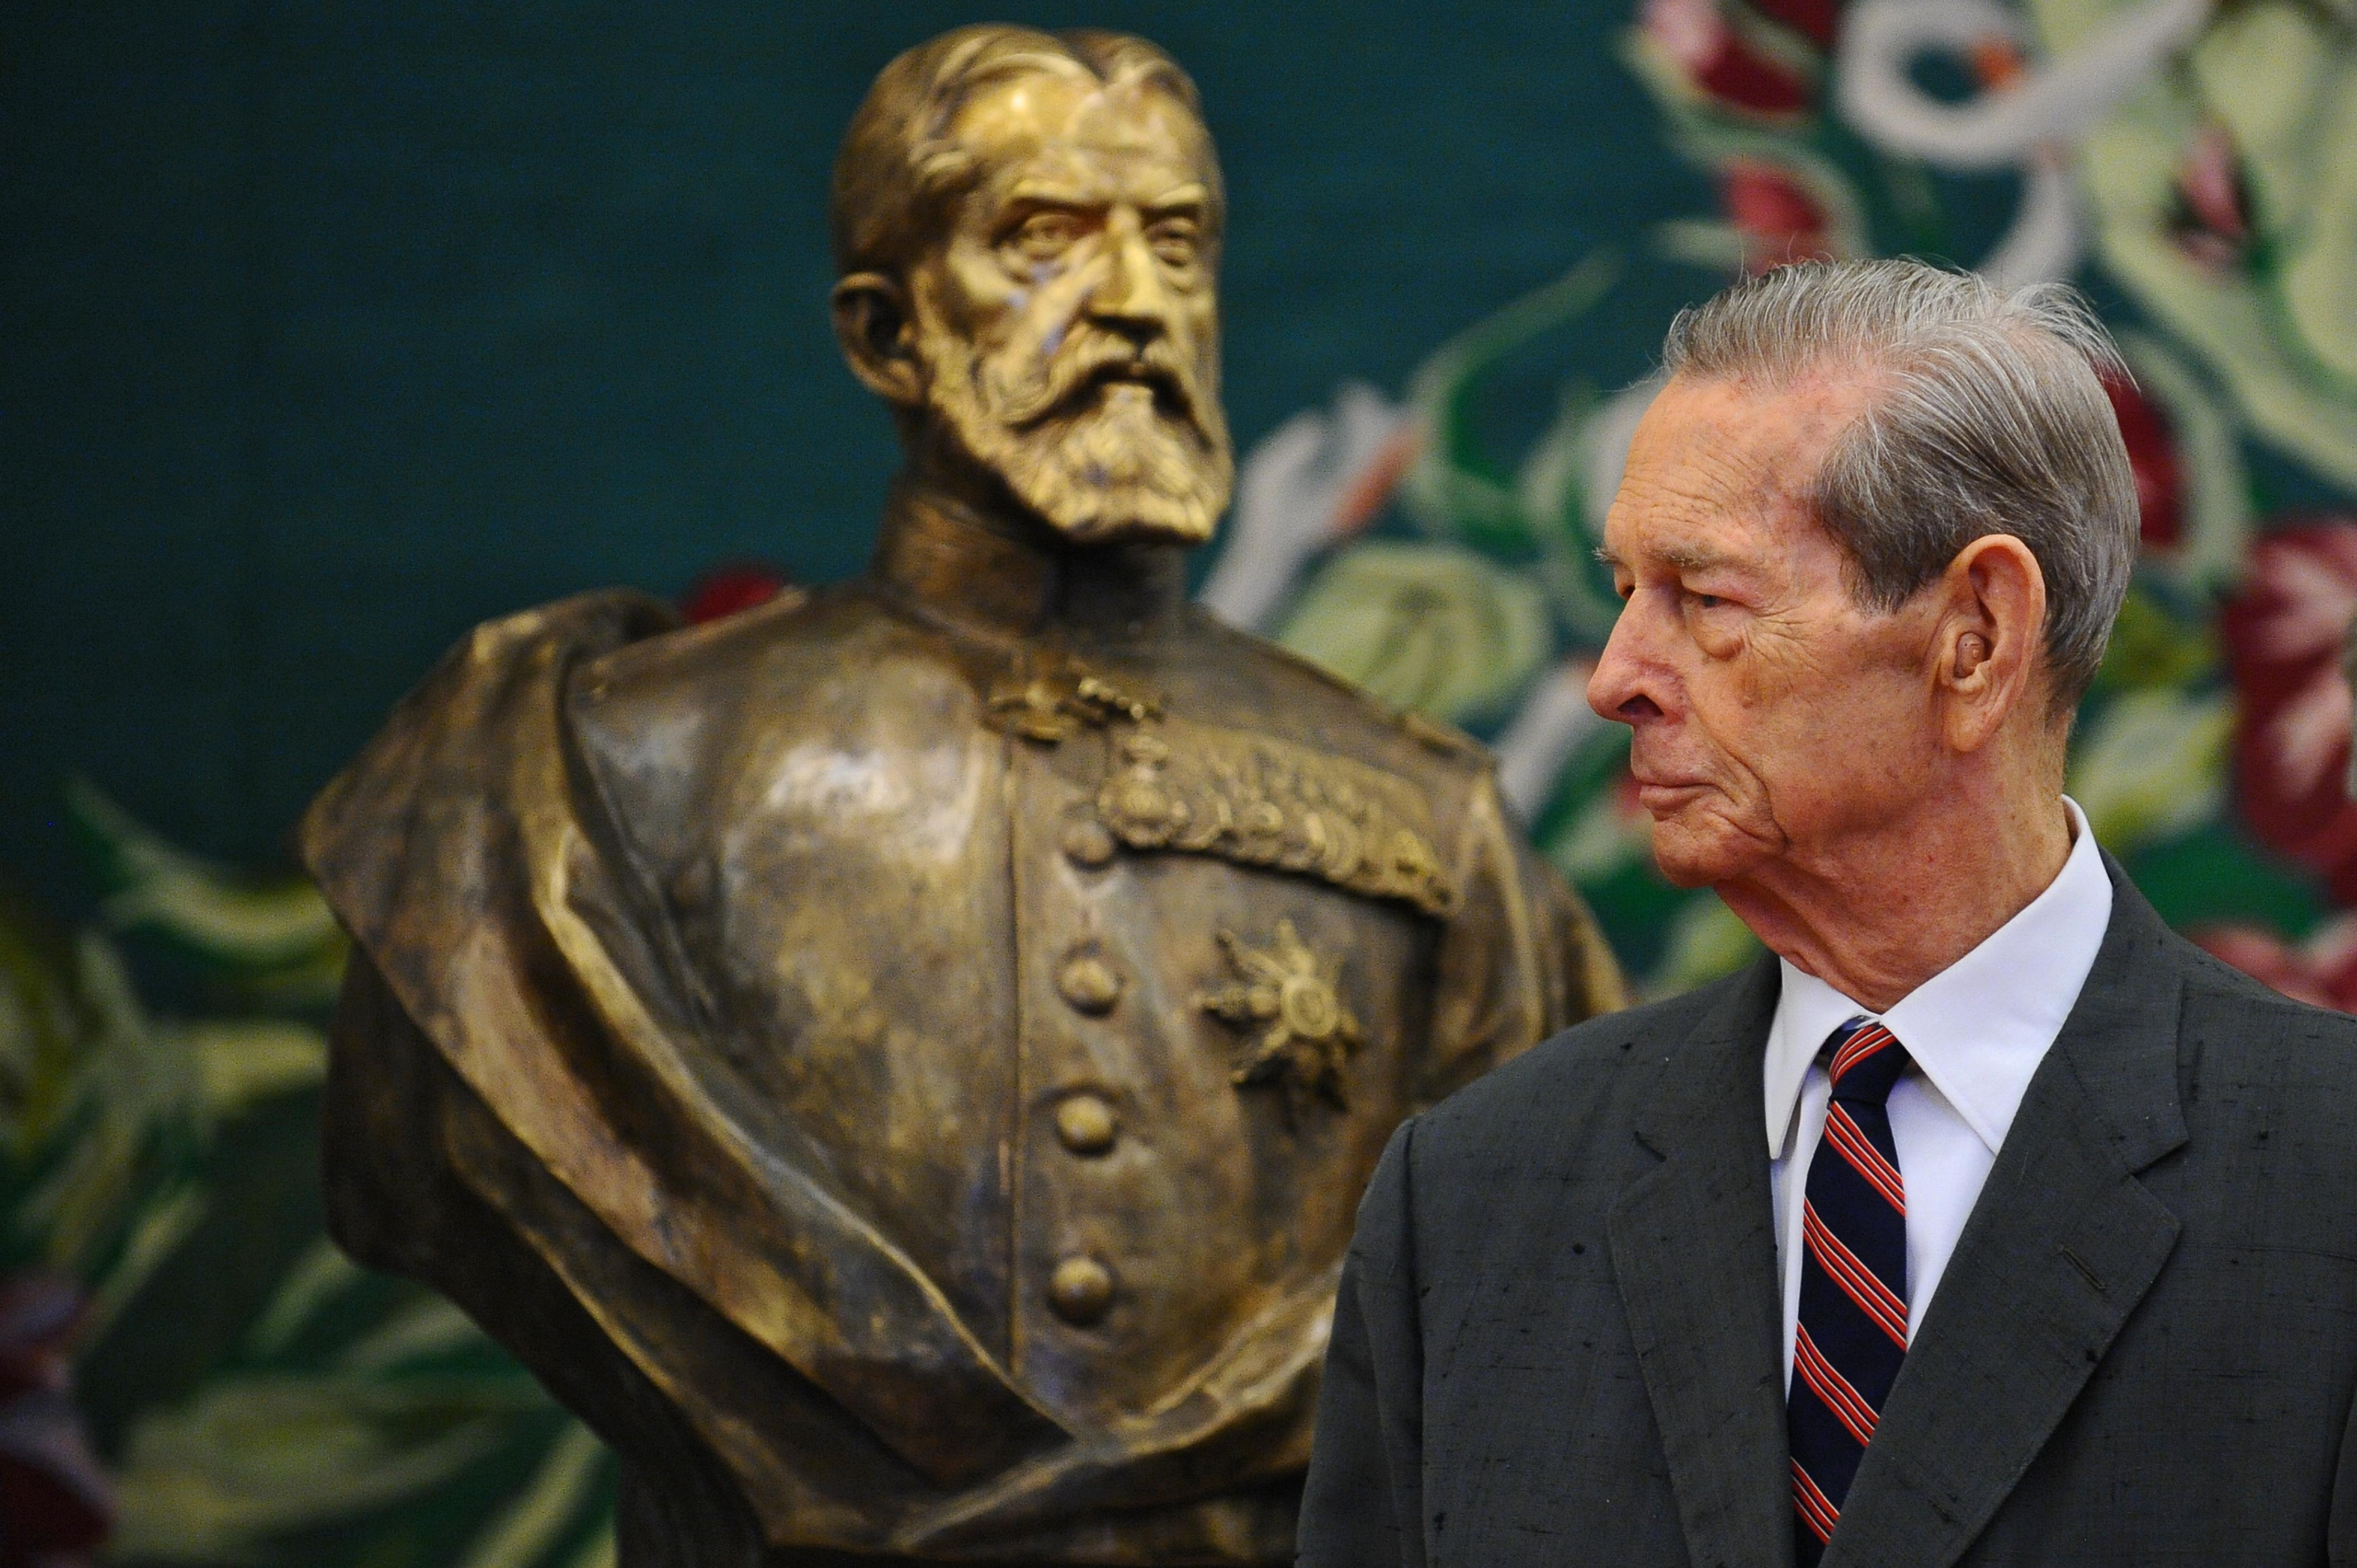 Casa Regală şi reprezentanţii Guvernului au convenit: Funeraliile Regelui Mihai I vor avea loc în 16 decembrie/ DOLIU naţional în 14, 15 şi 16 decembrie